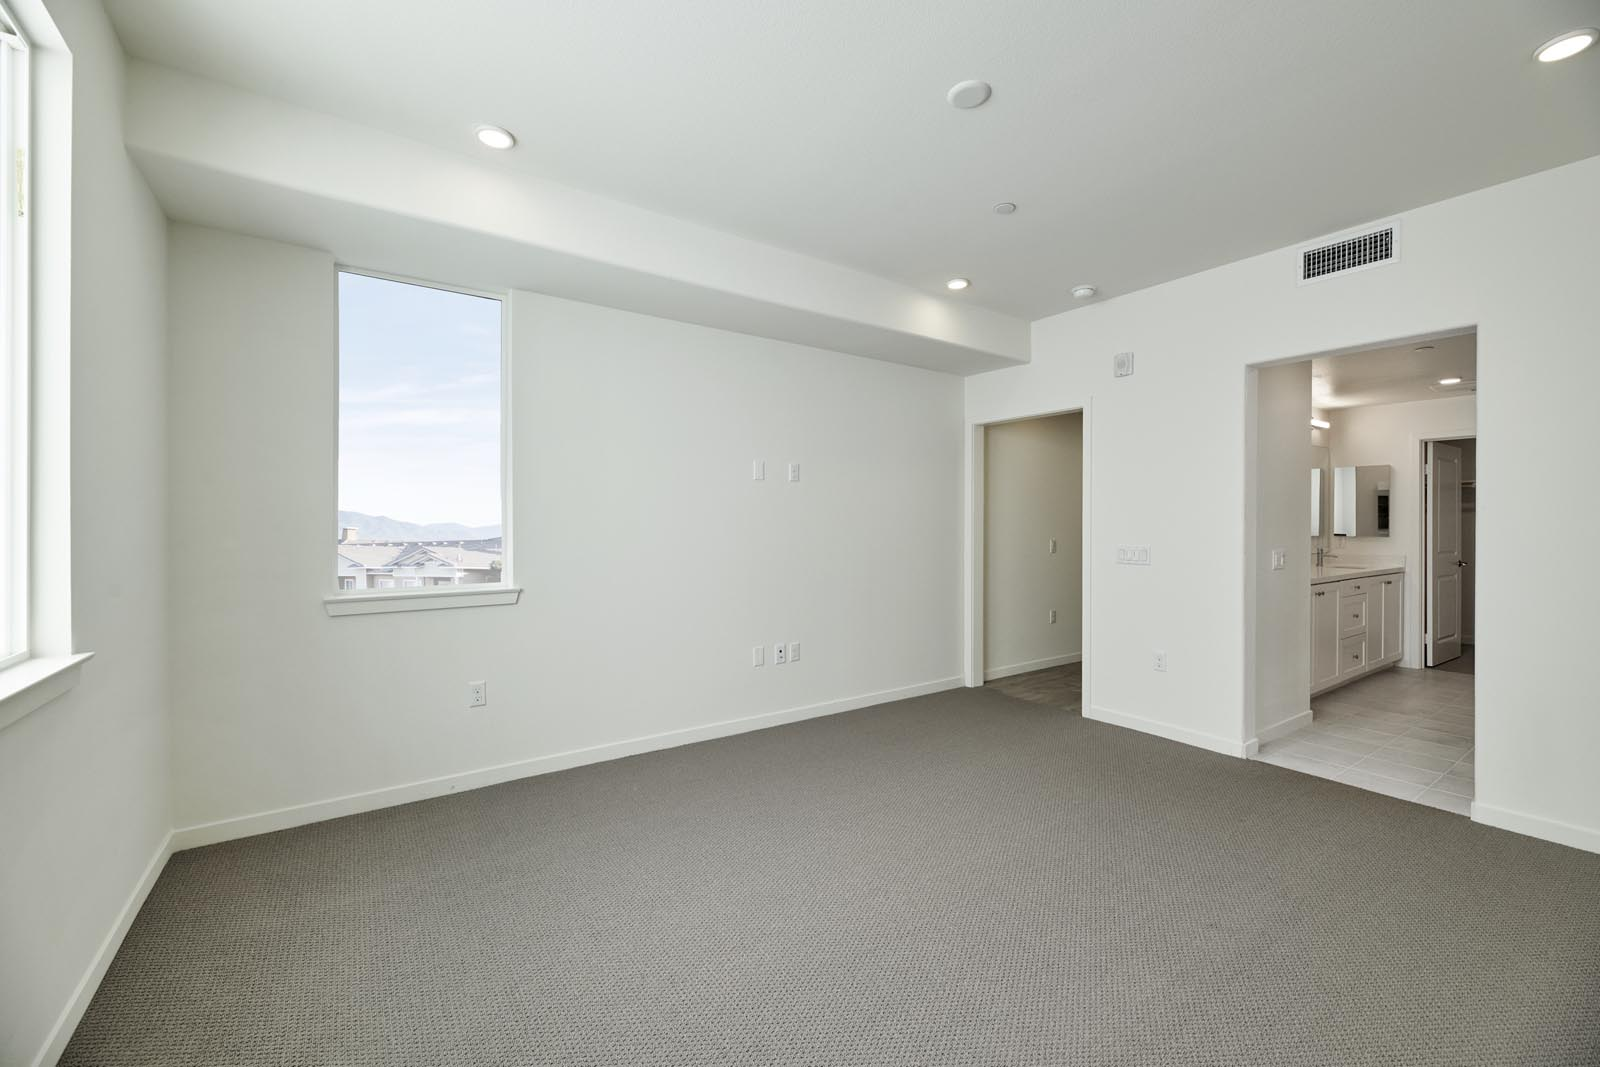 Bedroom   Residence 2   Aspire   New Homes in Rancho Cucamonga, CA   Van Daele Homes